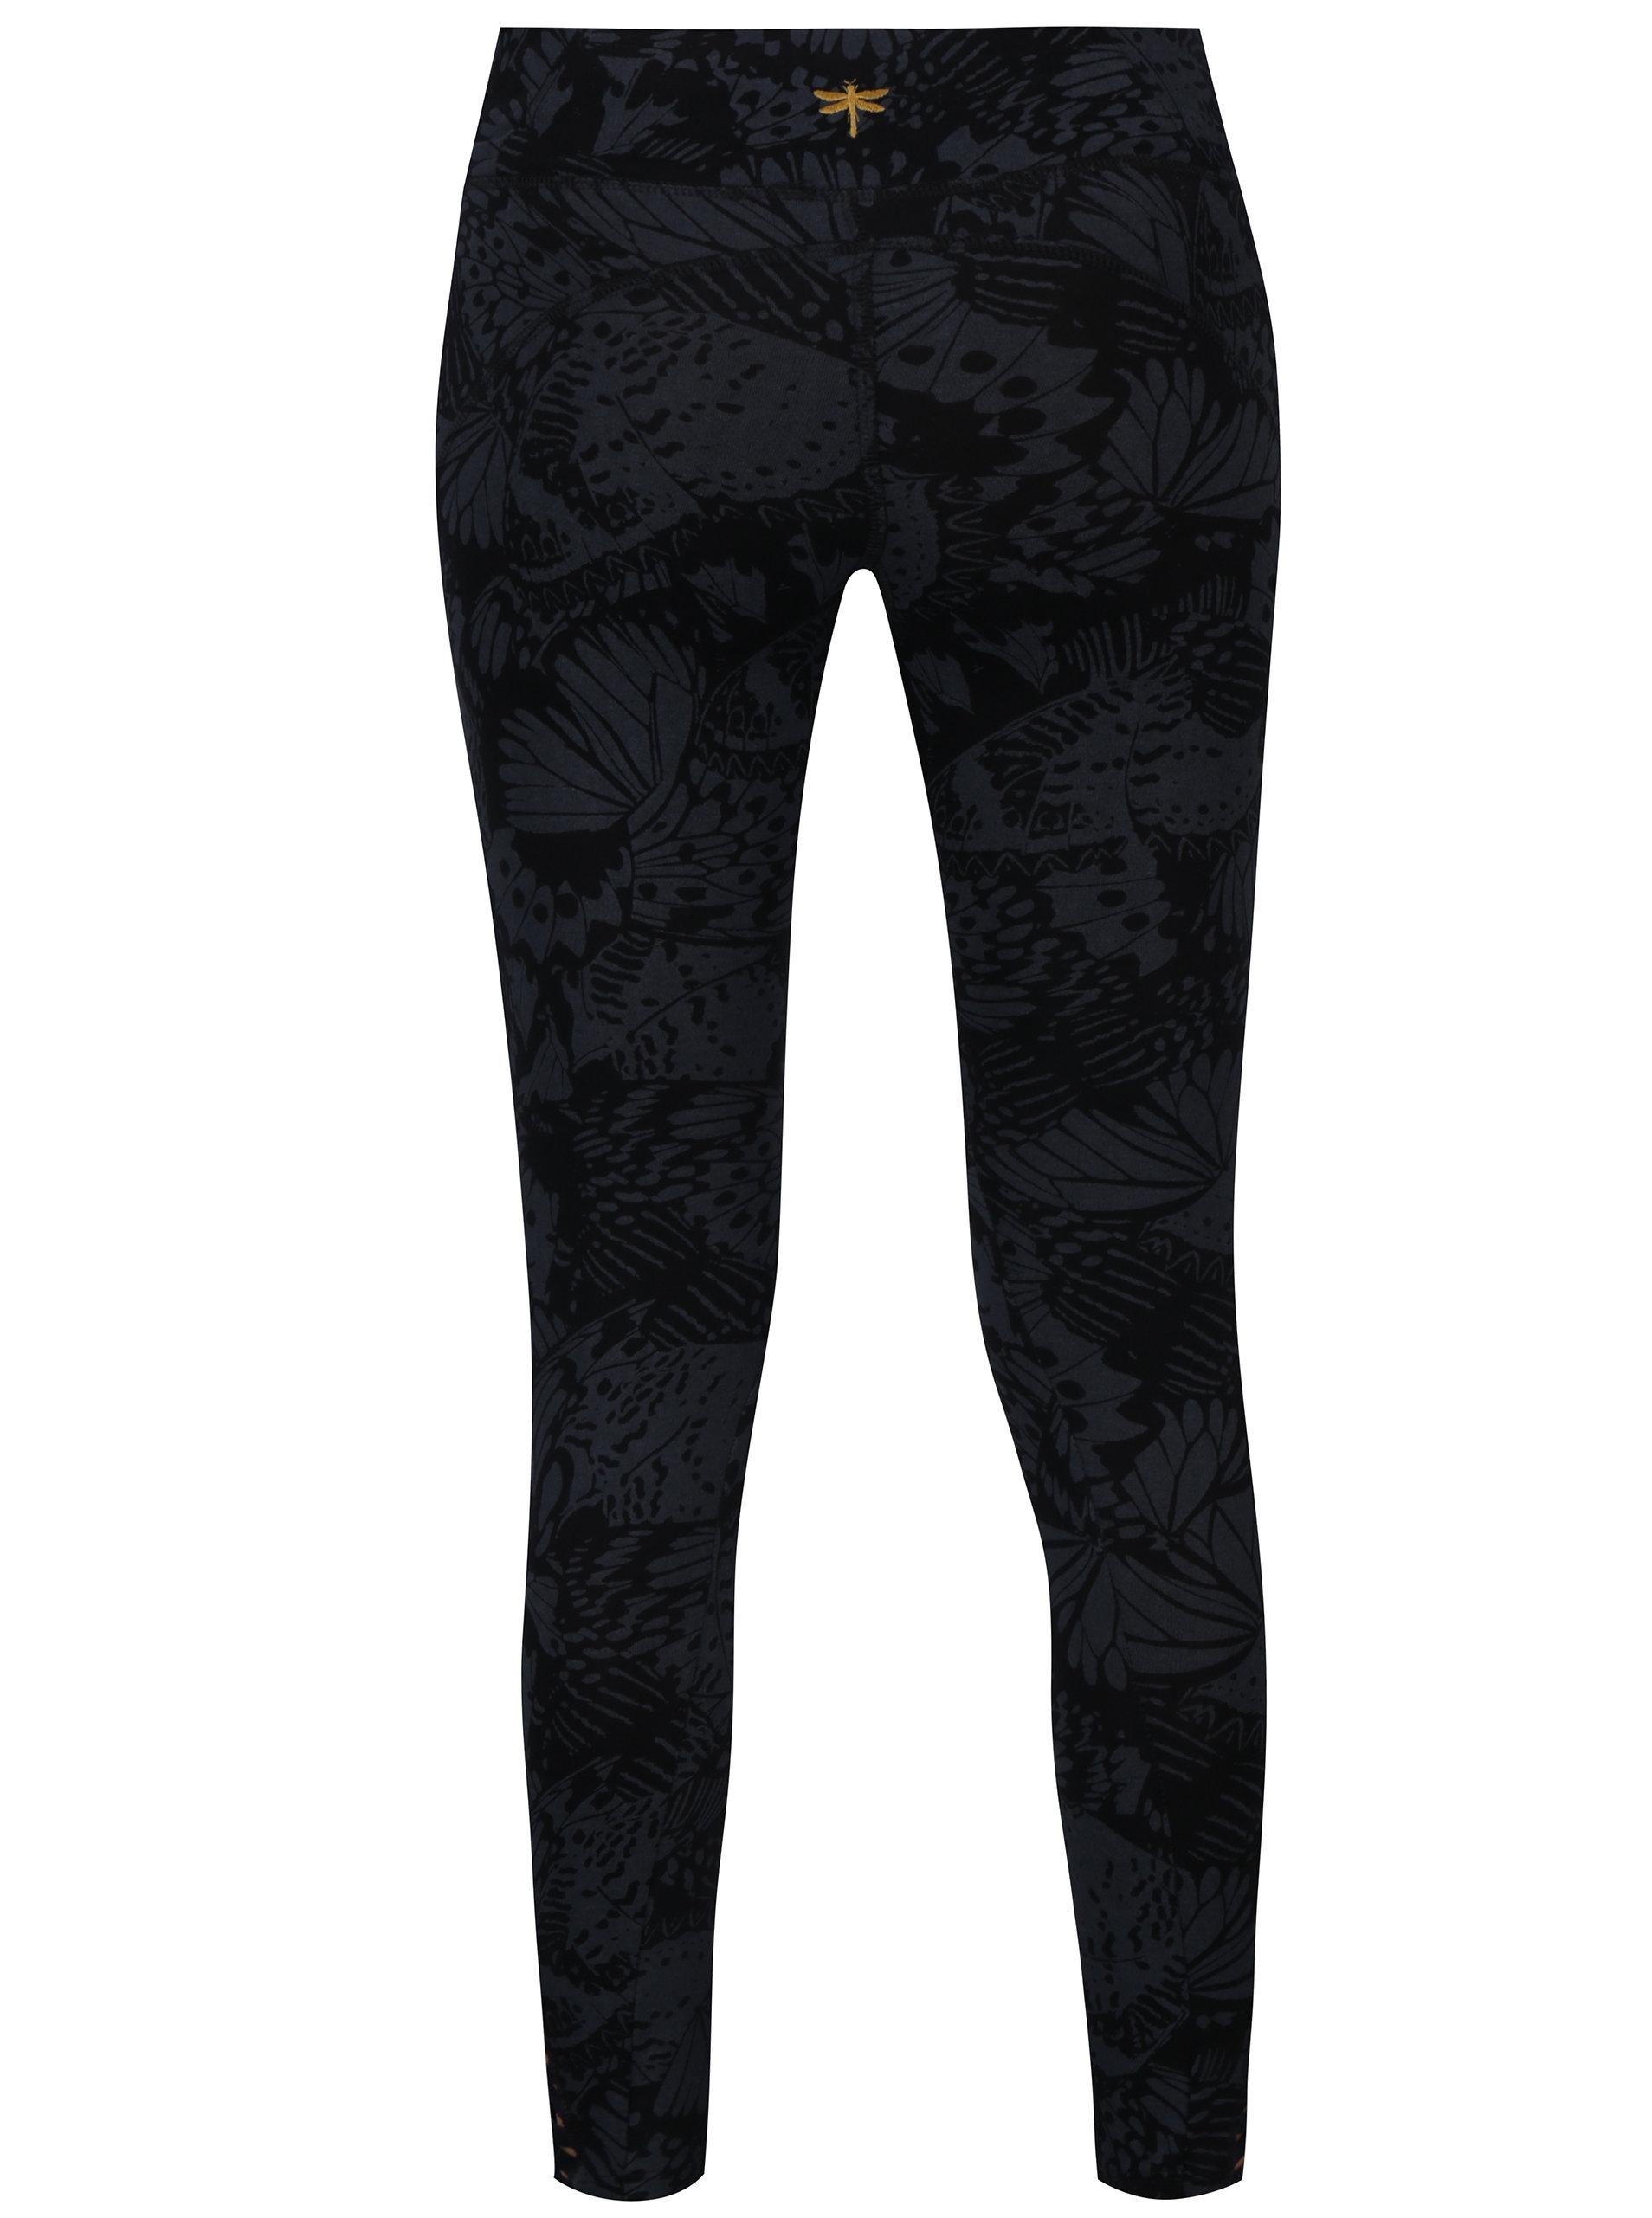 Černé sportovní vzorované legíny s pásky na nohavicích Desigual Sport ... ded285b6bf